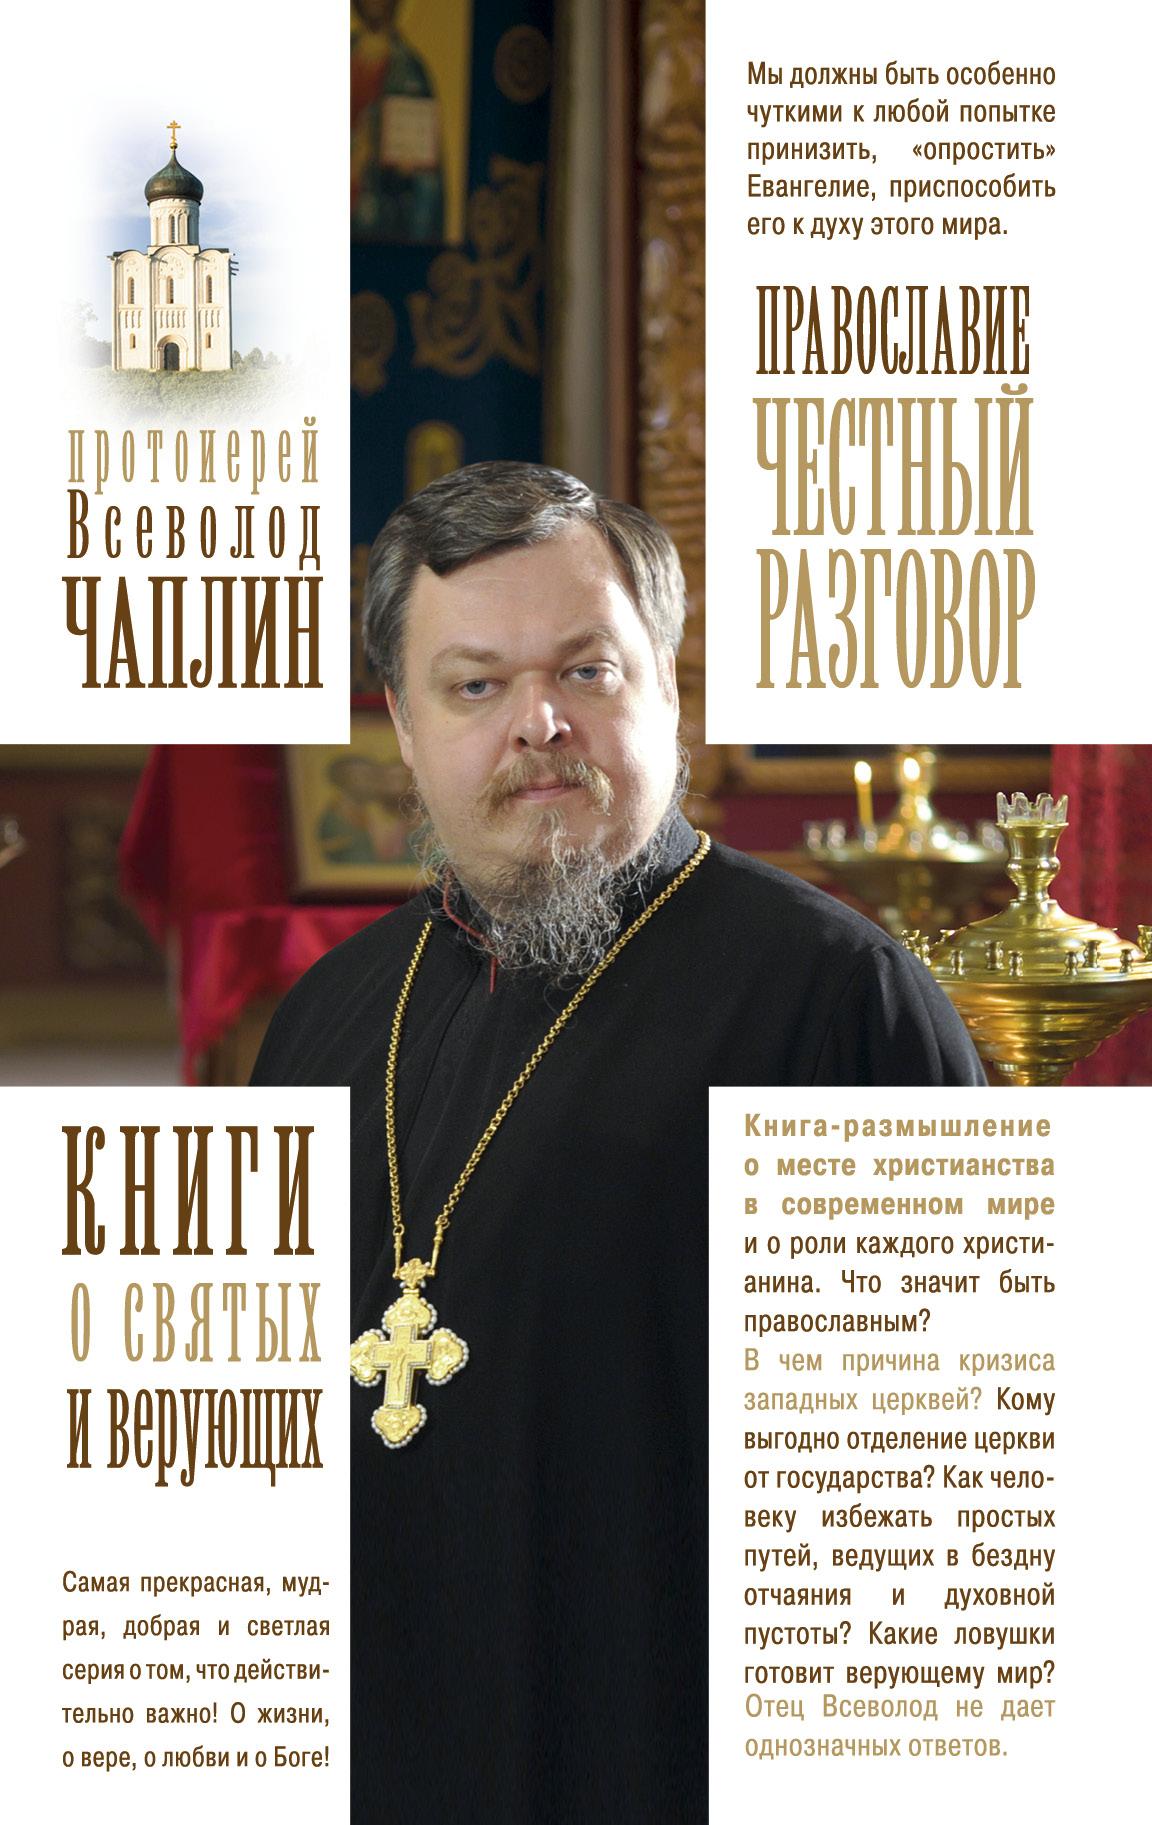 Православие. Честный разговор. Протоиерей Всеволод Чаплин